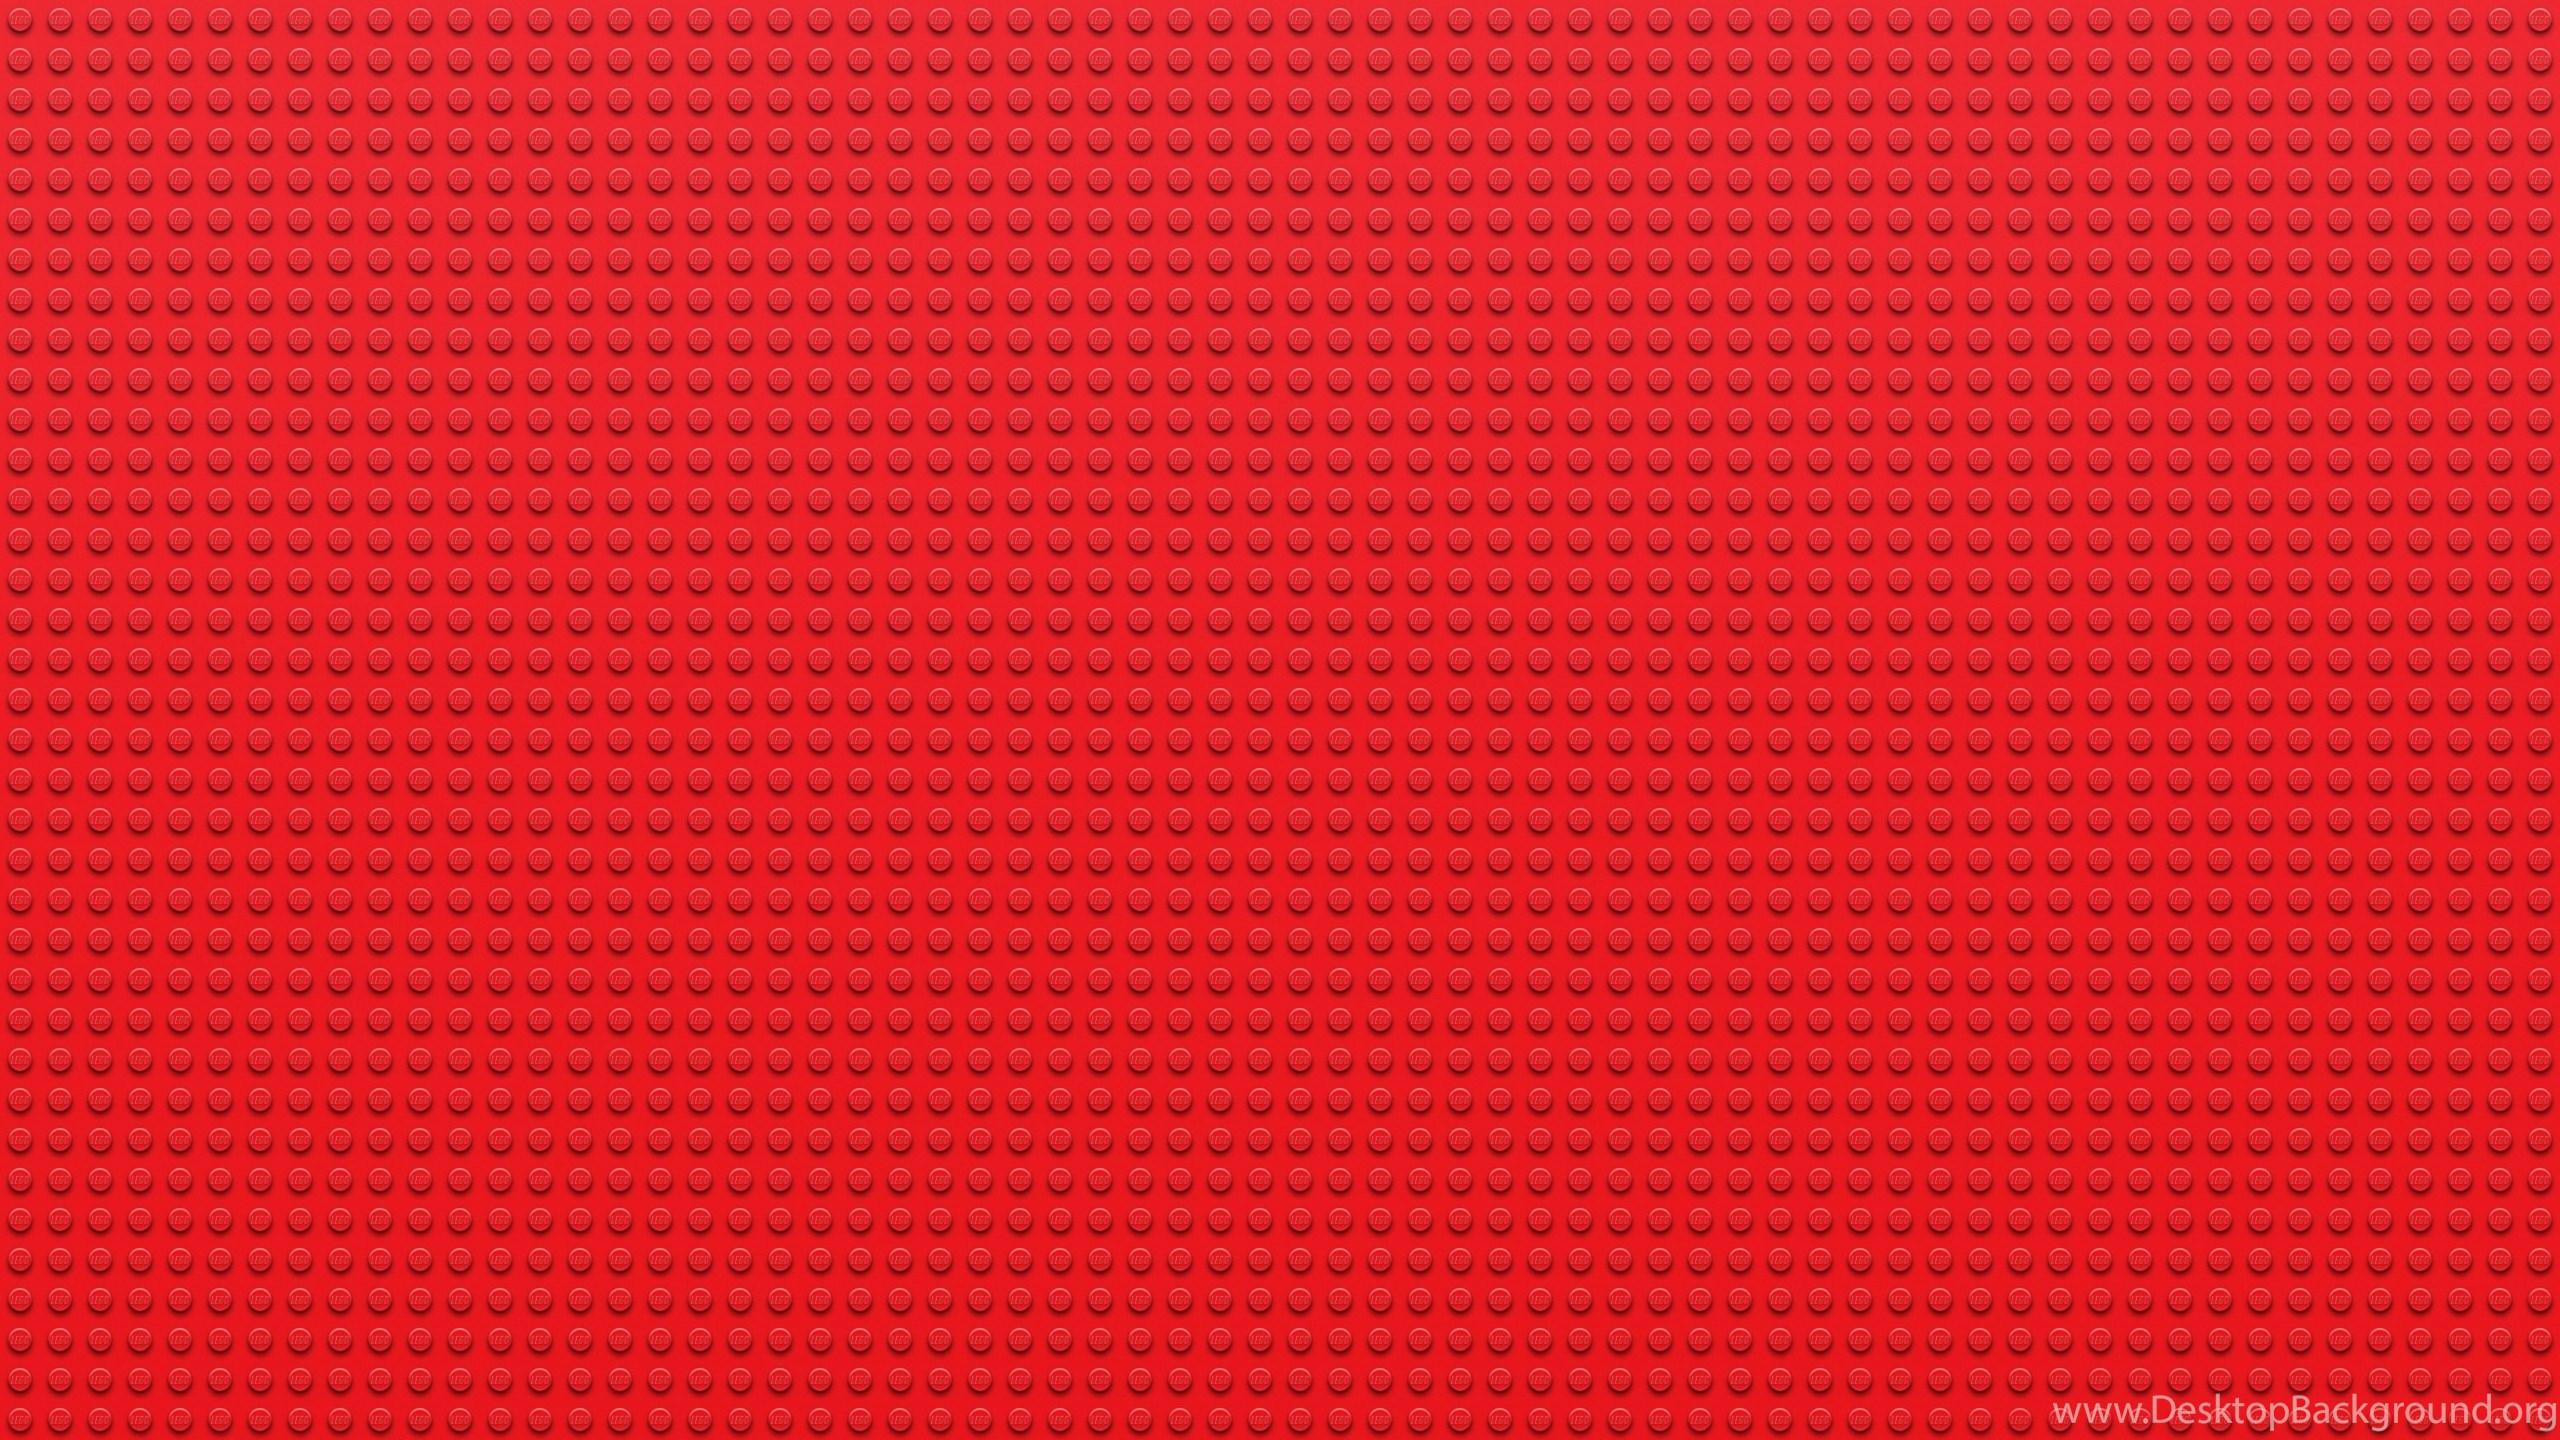 Ultra Hd 4k Lego Wallpapers Hd Desktop Backgrounds 3840x2400 Desktop Background